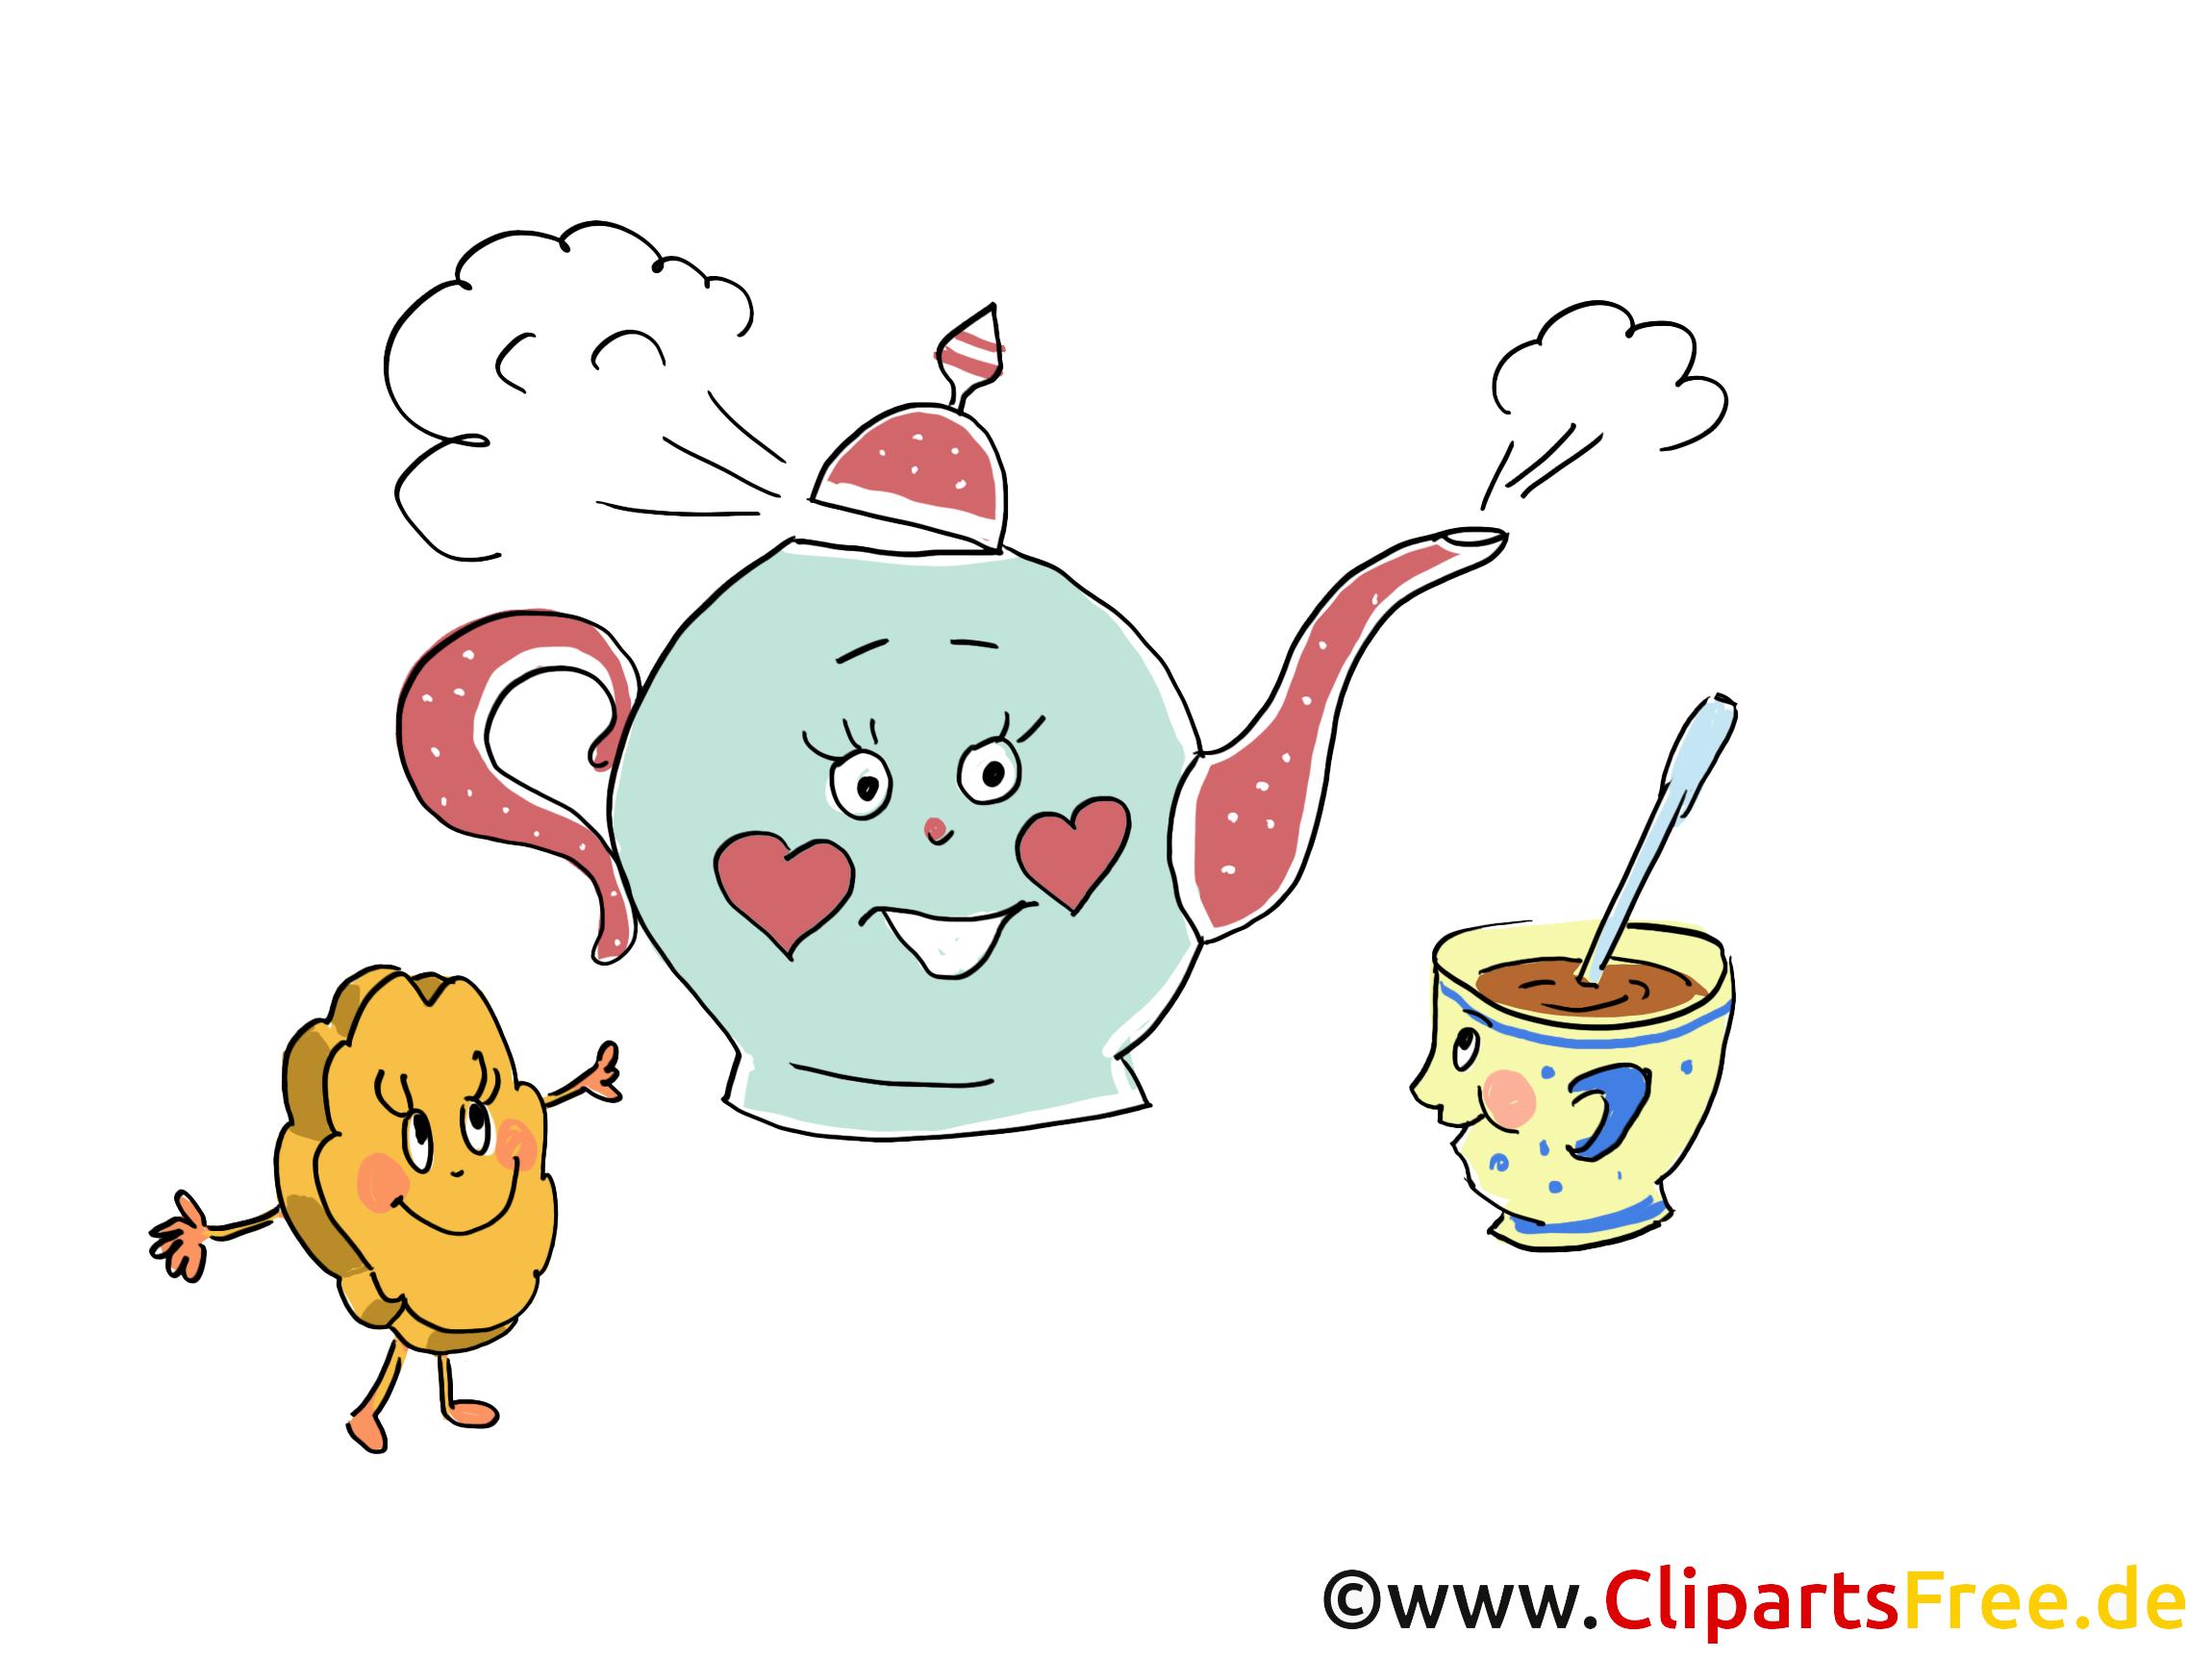 Tee trinken Bilder, Cliparts, Cartoons, Grafiken